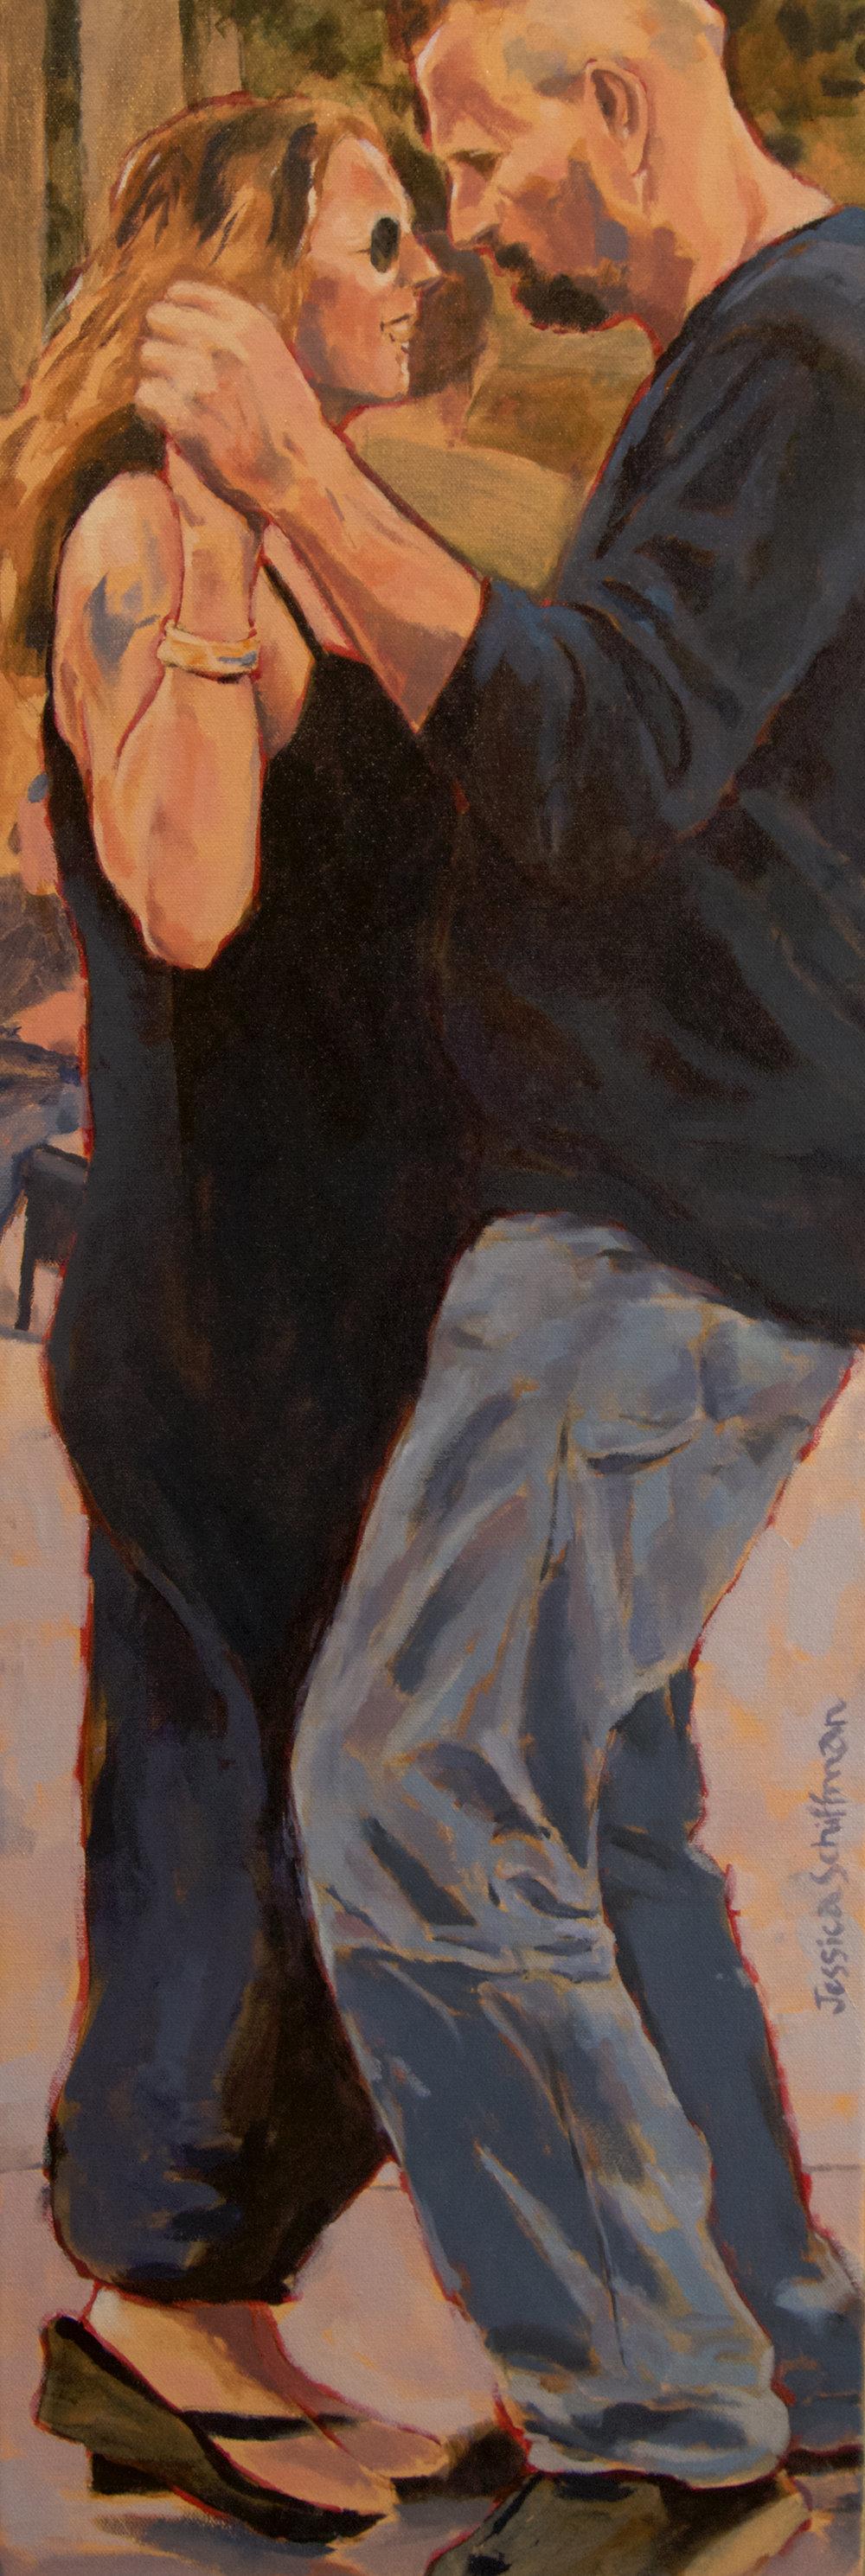 M I Jessica Schiffman 8.jpg